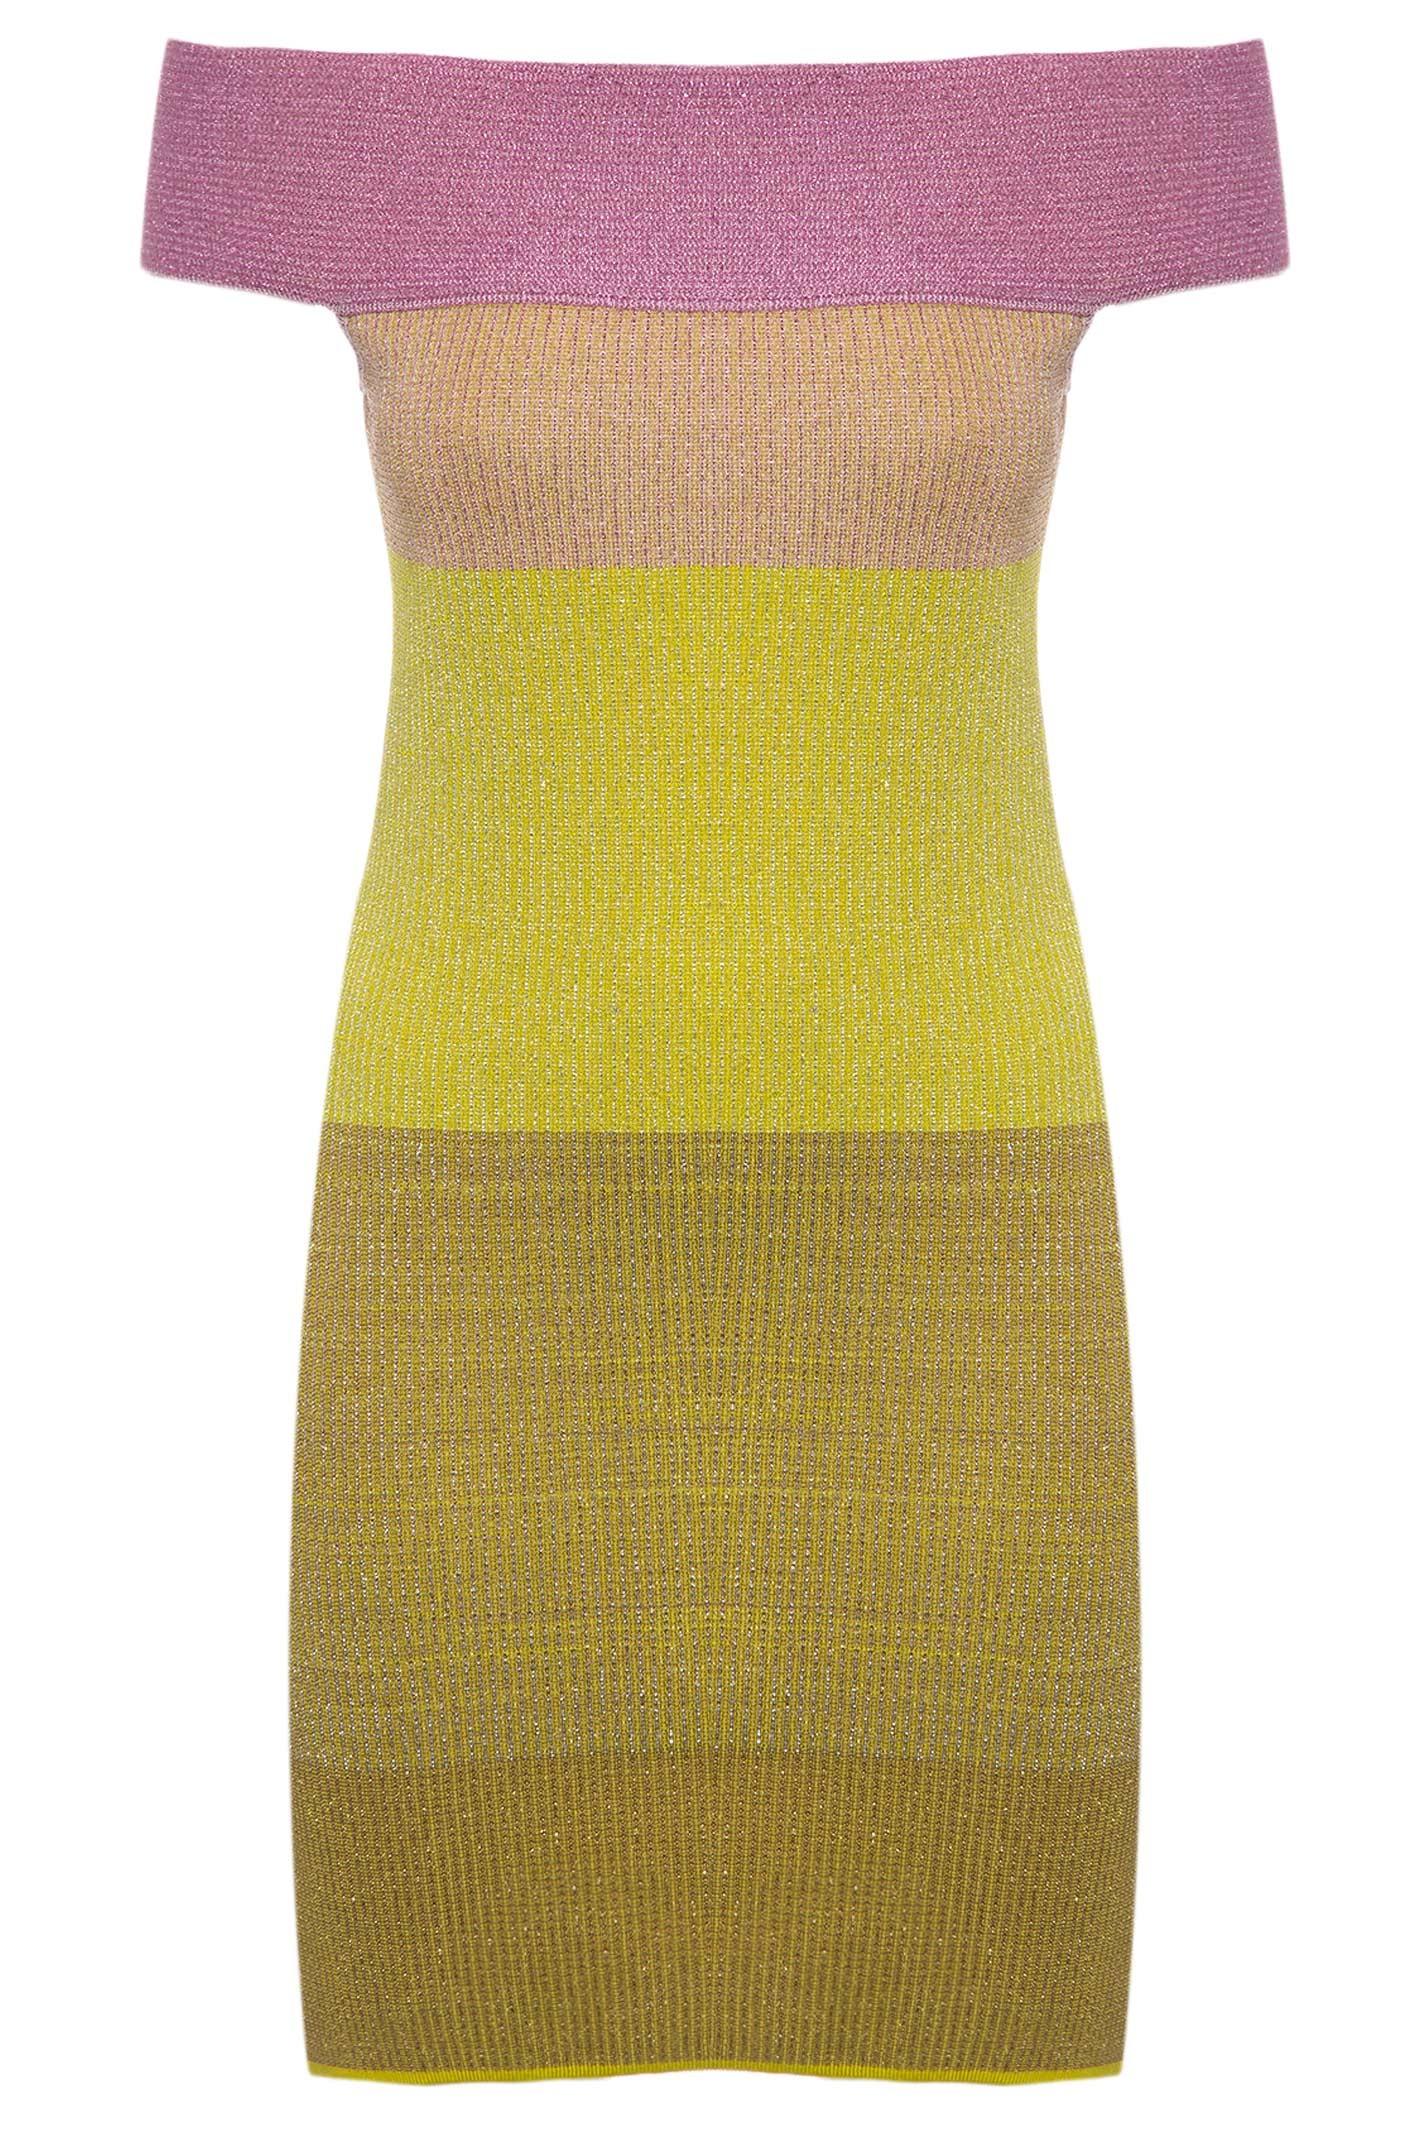 Vestido Ombro A Ombro Lurex - Amarelo